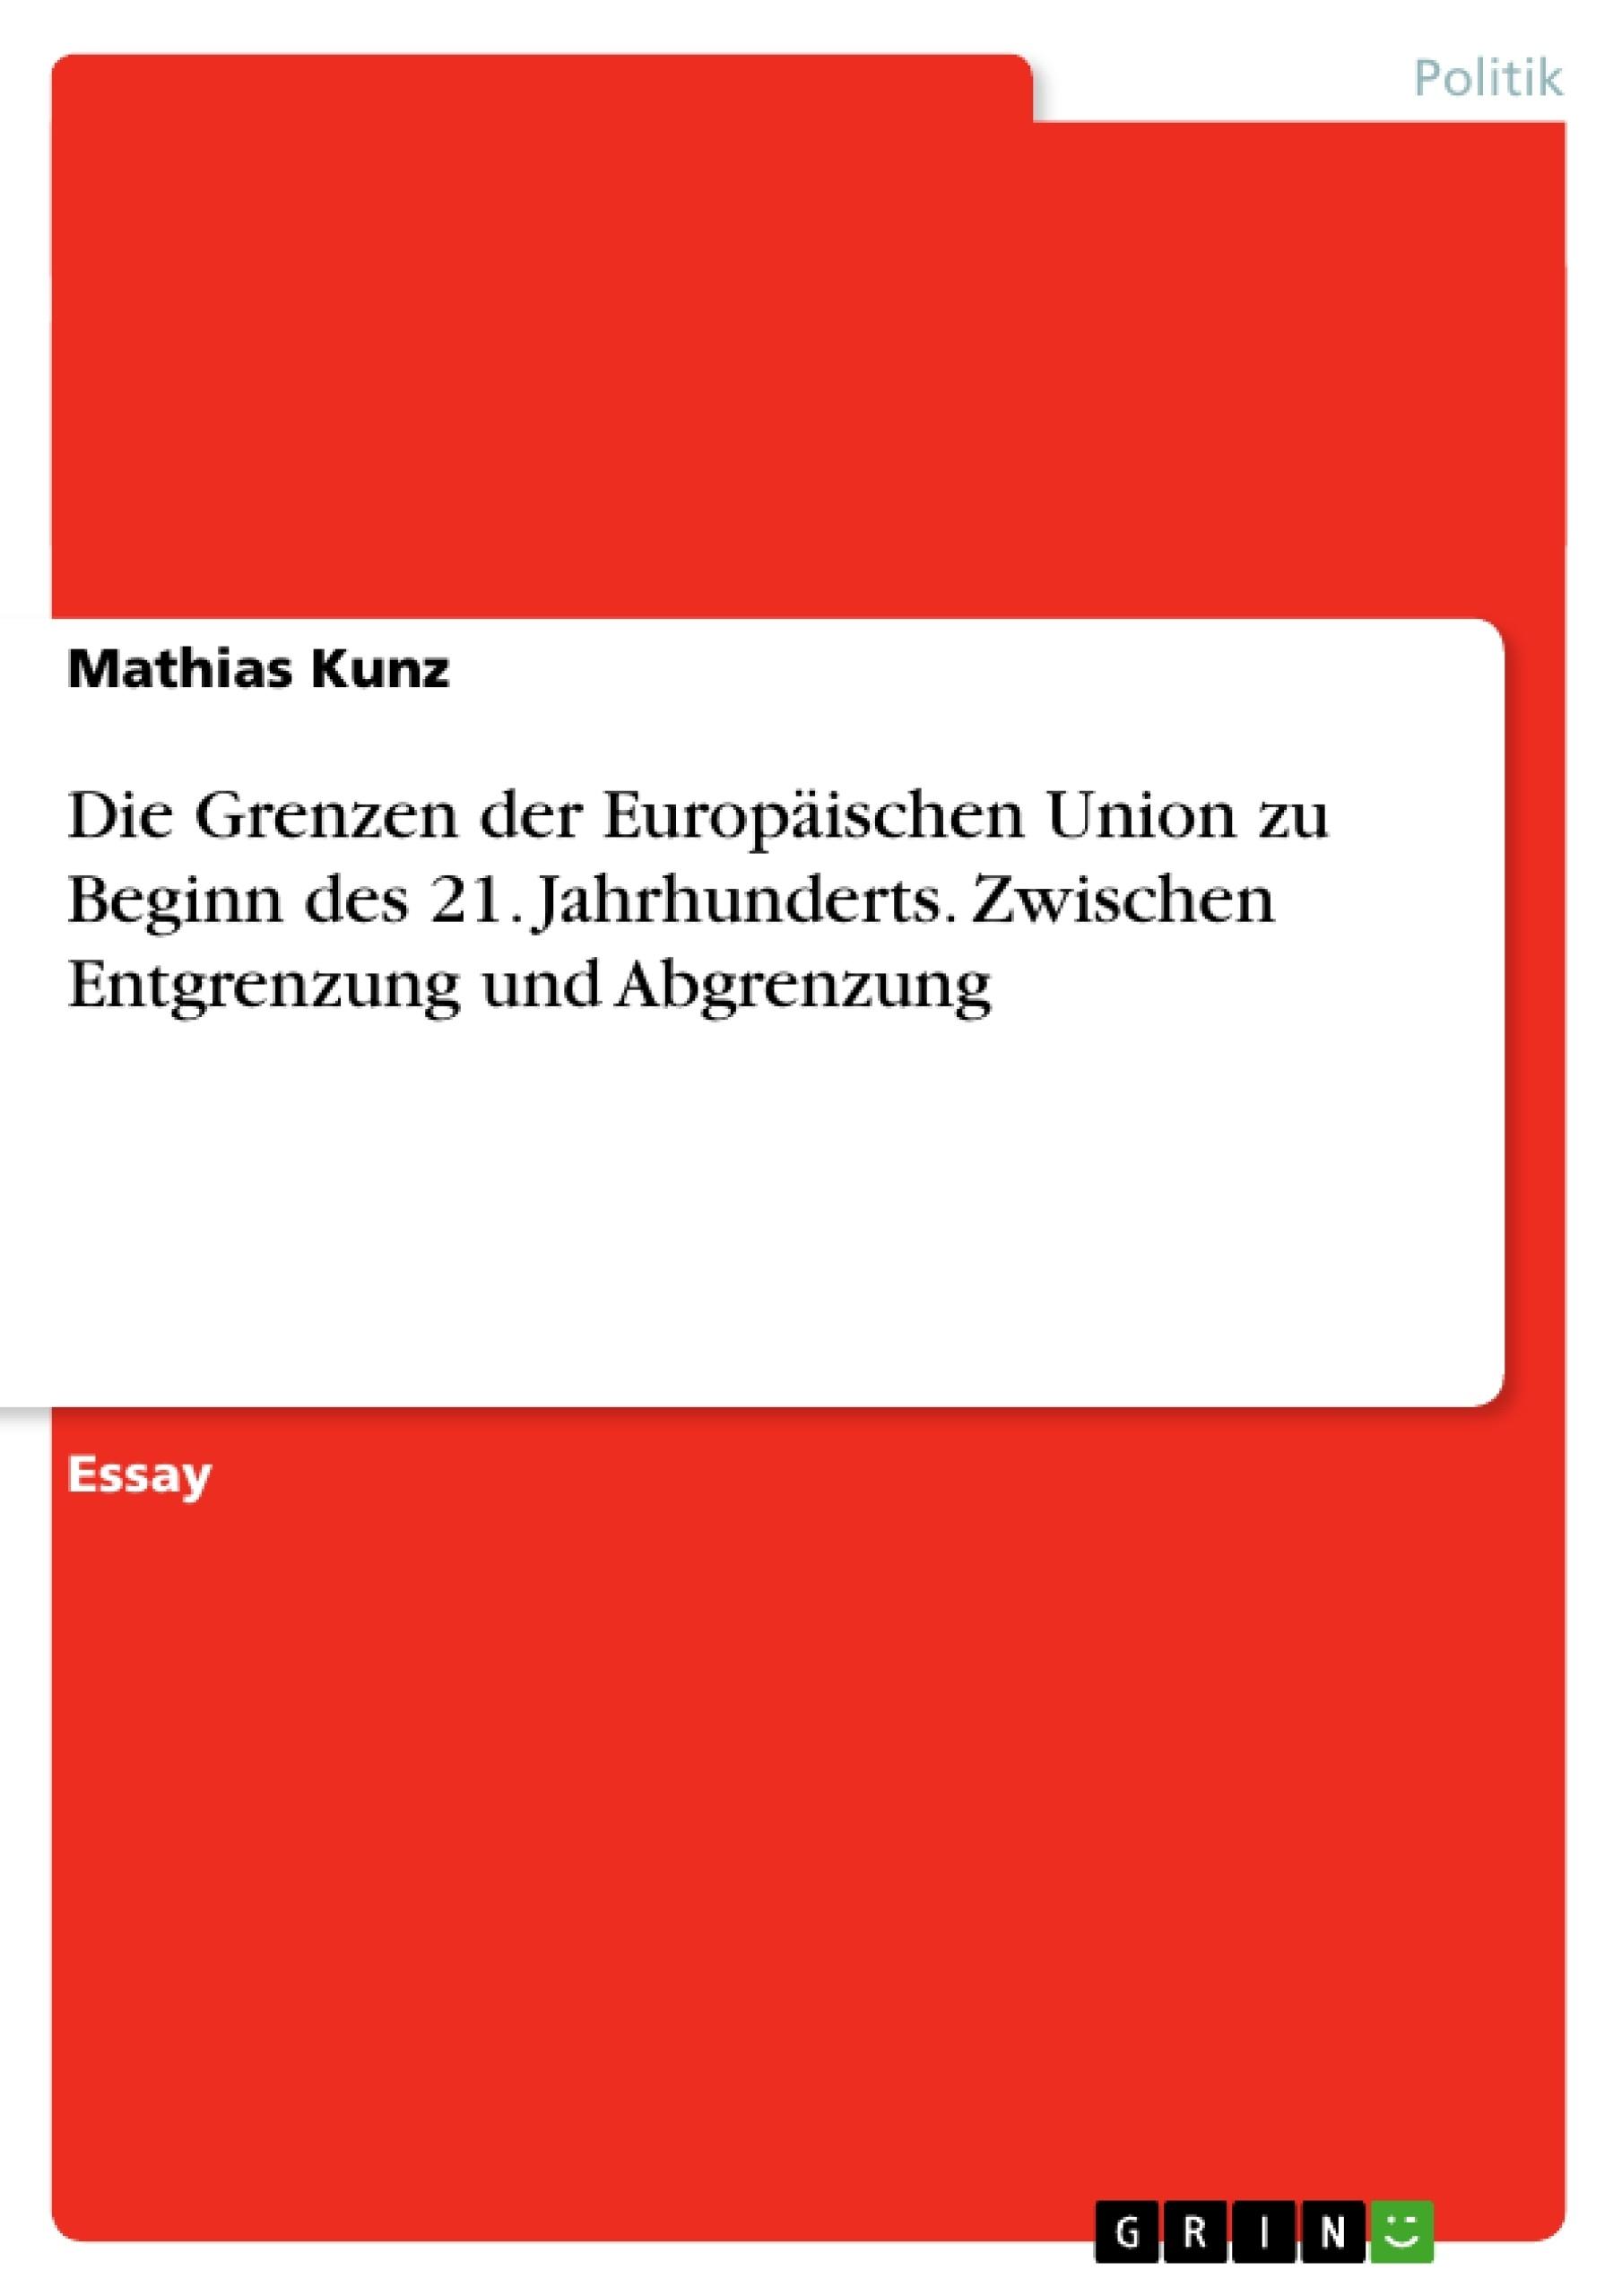 Titel: Die Grenzen der Europäischen Union zu Beginn des 21. Jahrhunderts. Zwischen Entgrenzung und Abgrenzung